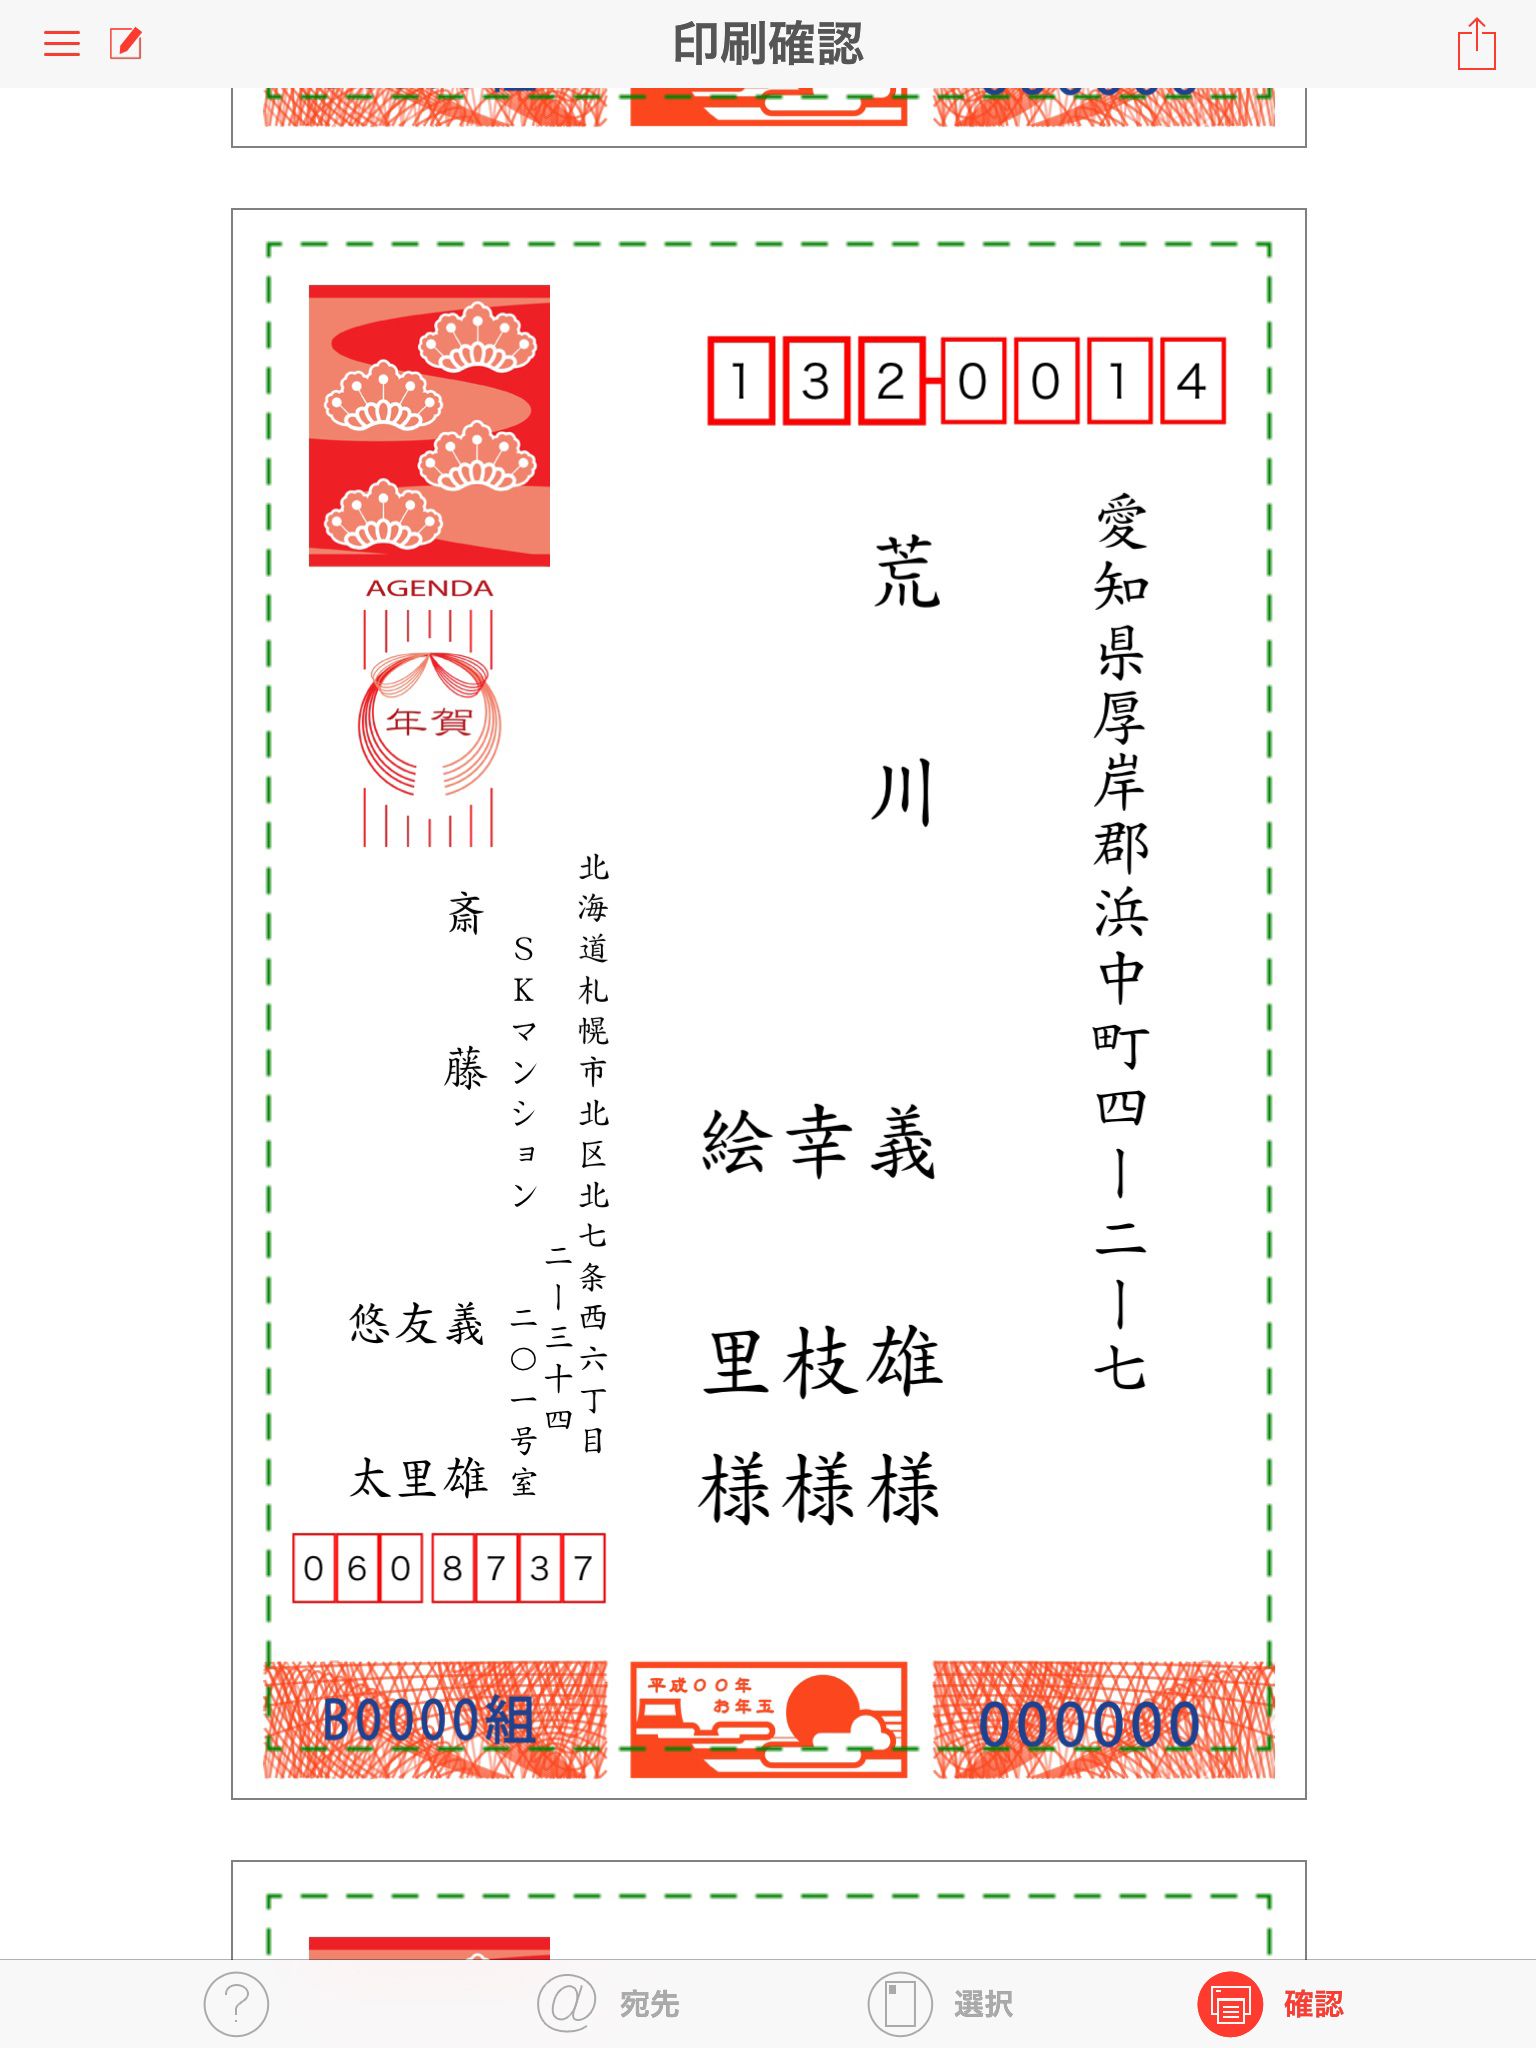 日本初 年賀状の両面をairprintで印刷できる Ios用年賀状作成アプリ